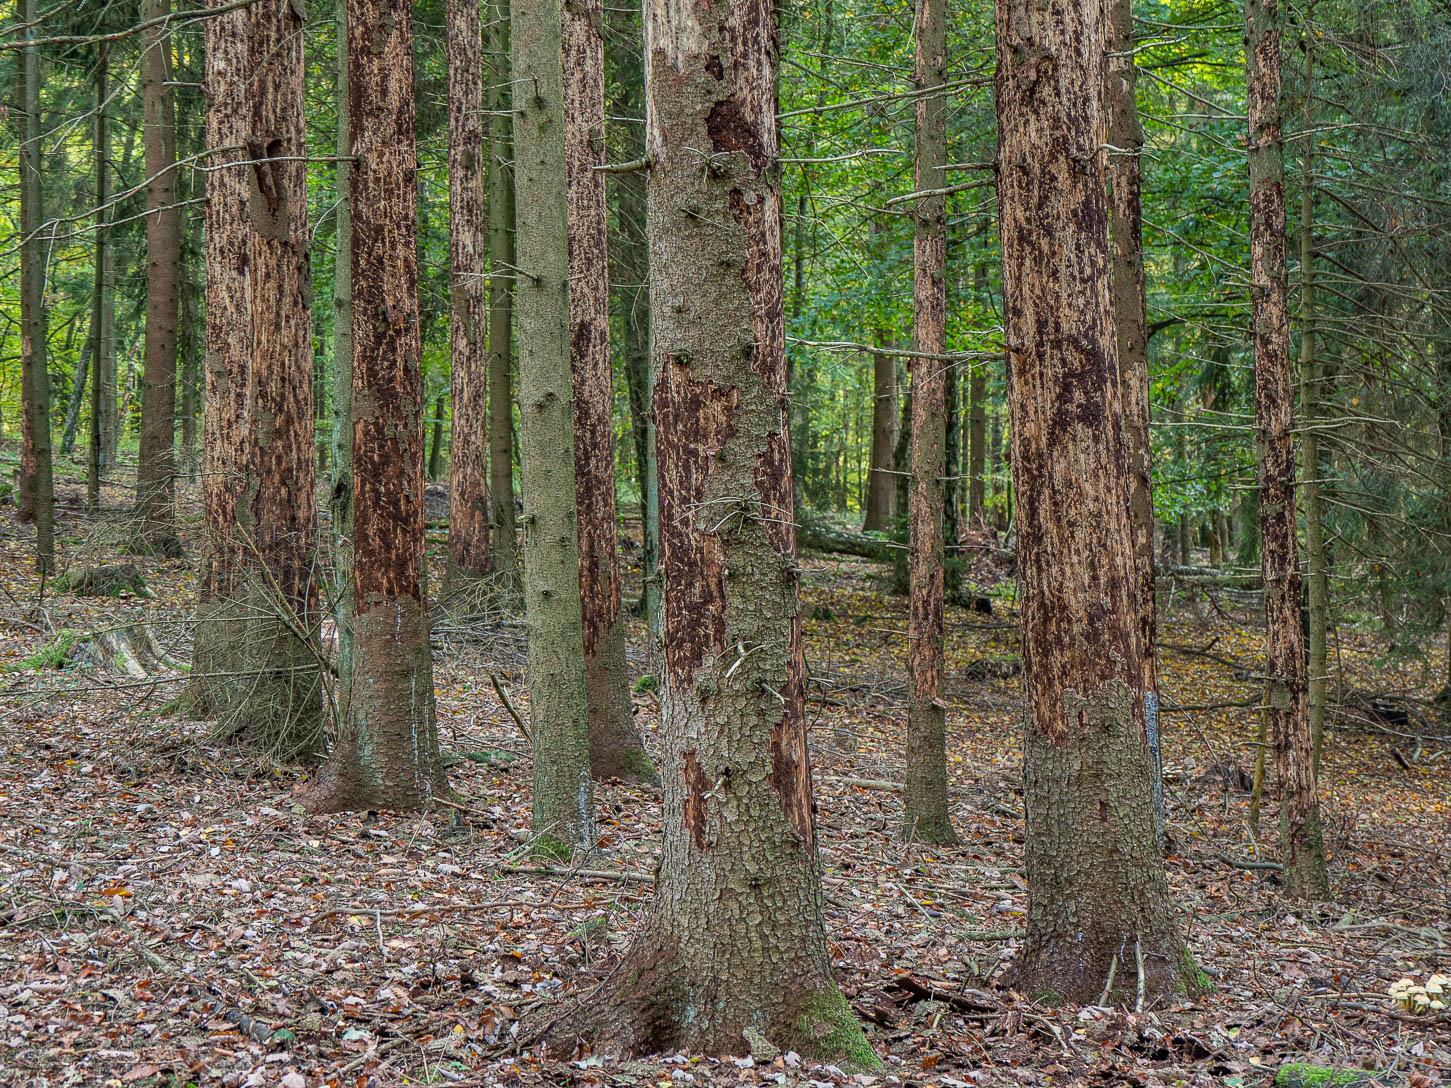 Fichtensterben im Spessart-Wald